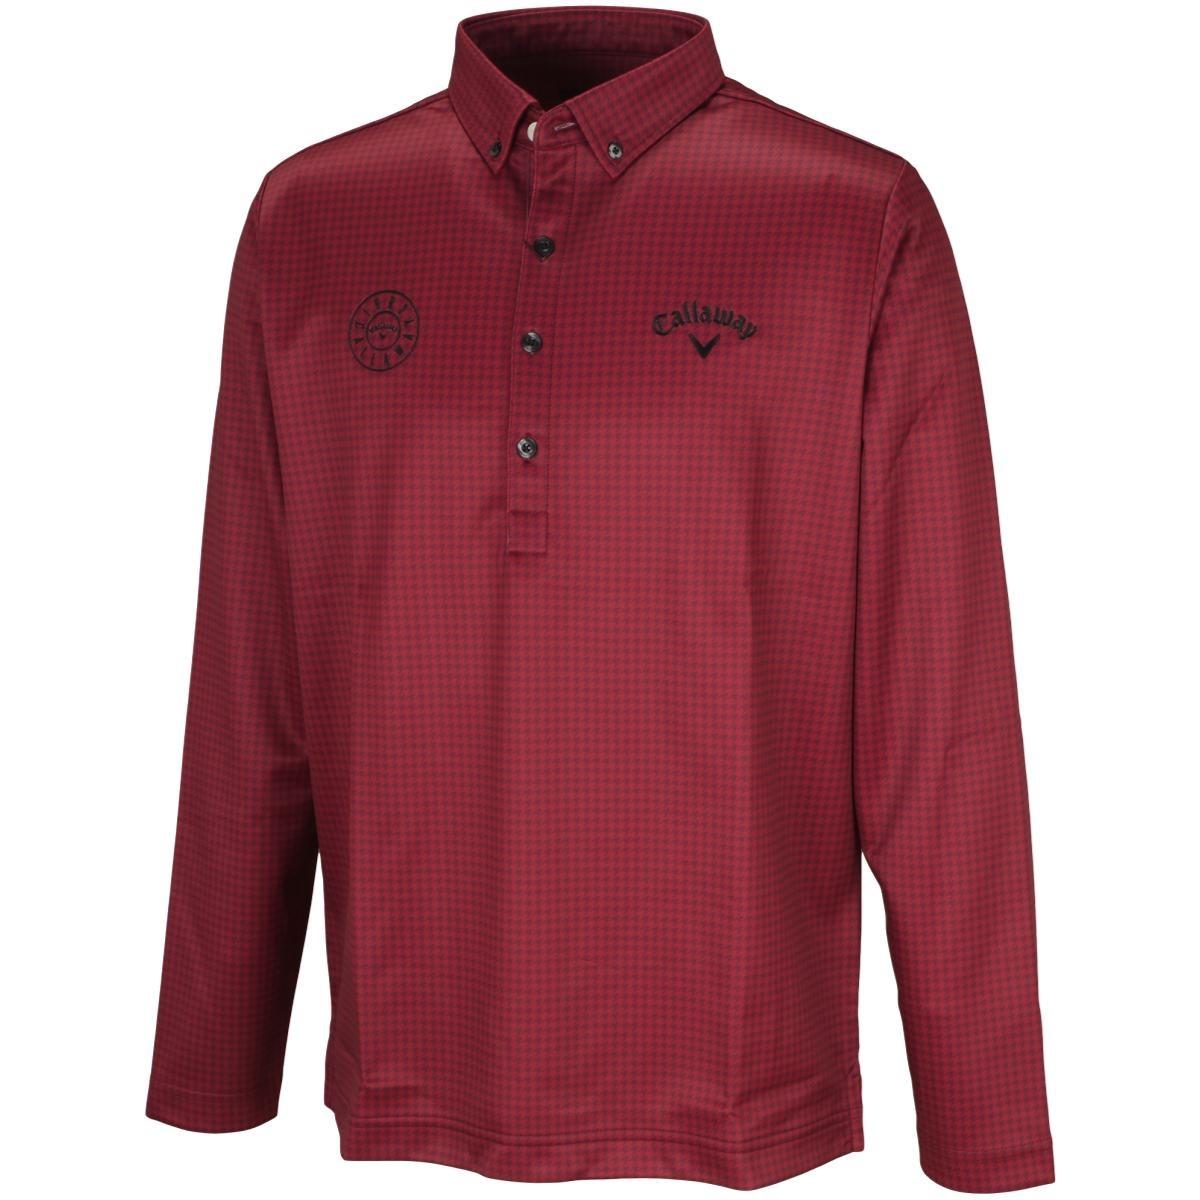 キャロウェイゴルフ(Callaway Golf) ボタンダウンボックス長袖ポロシャツ